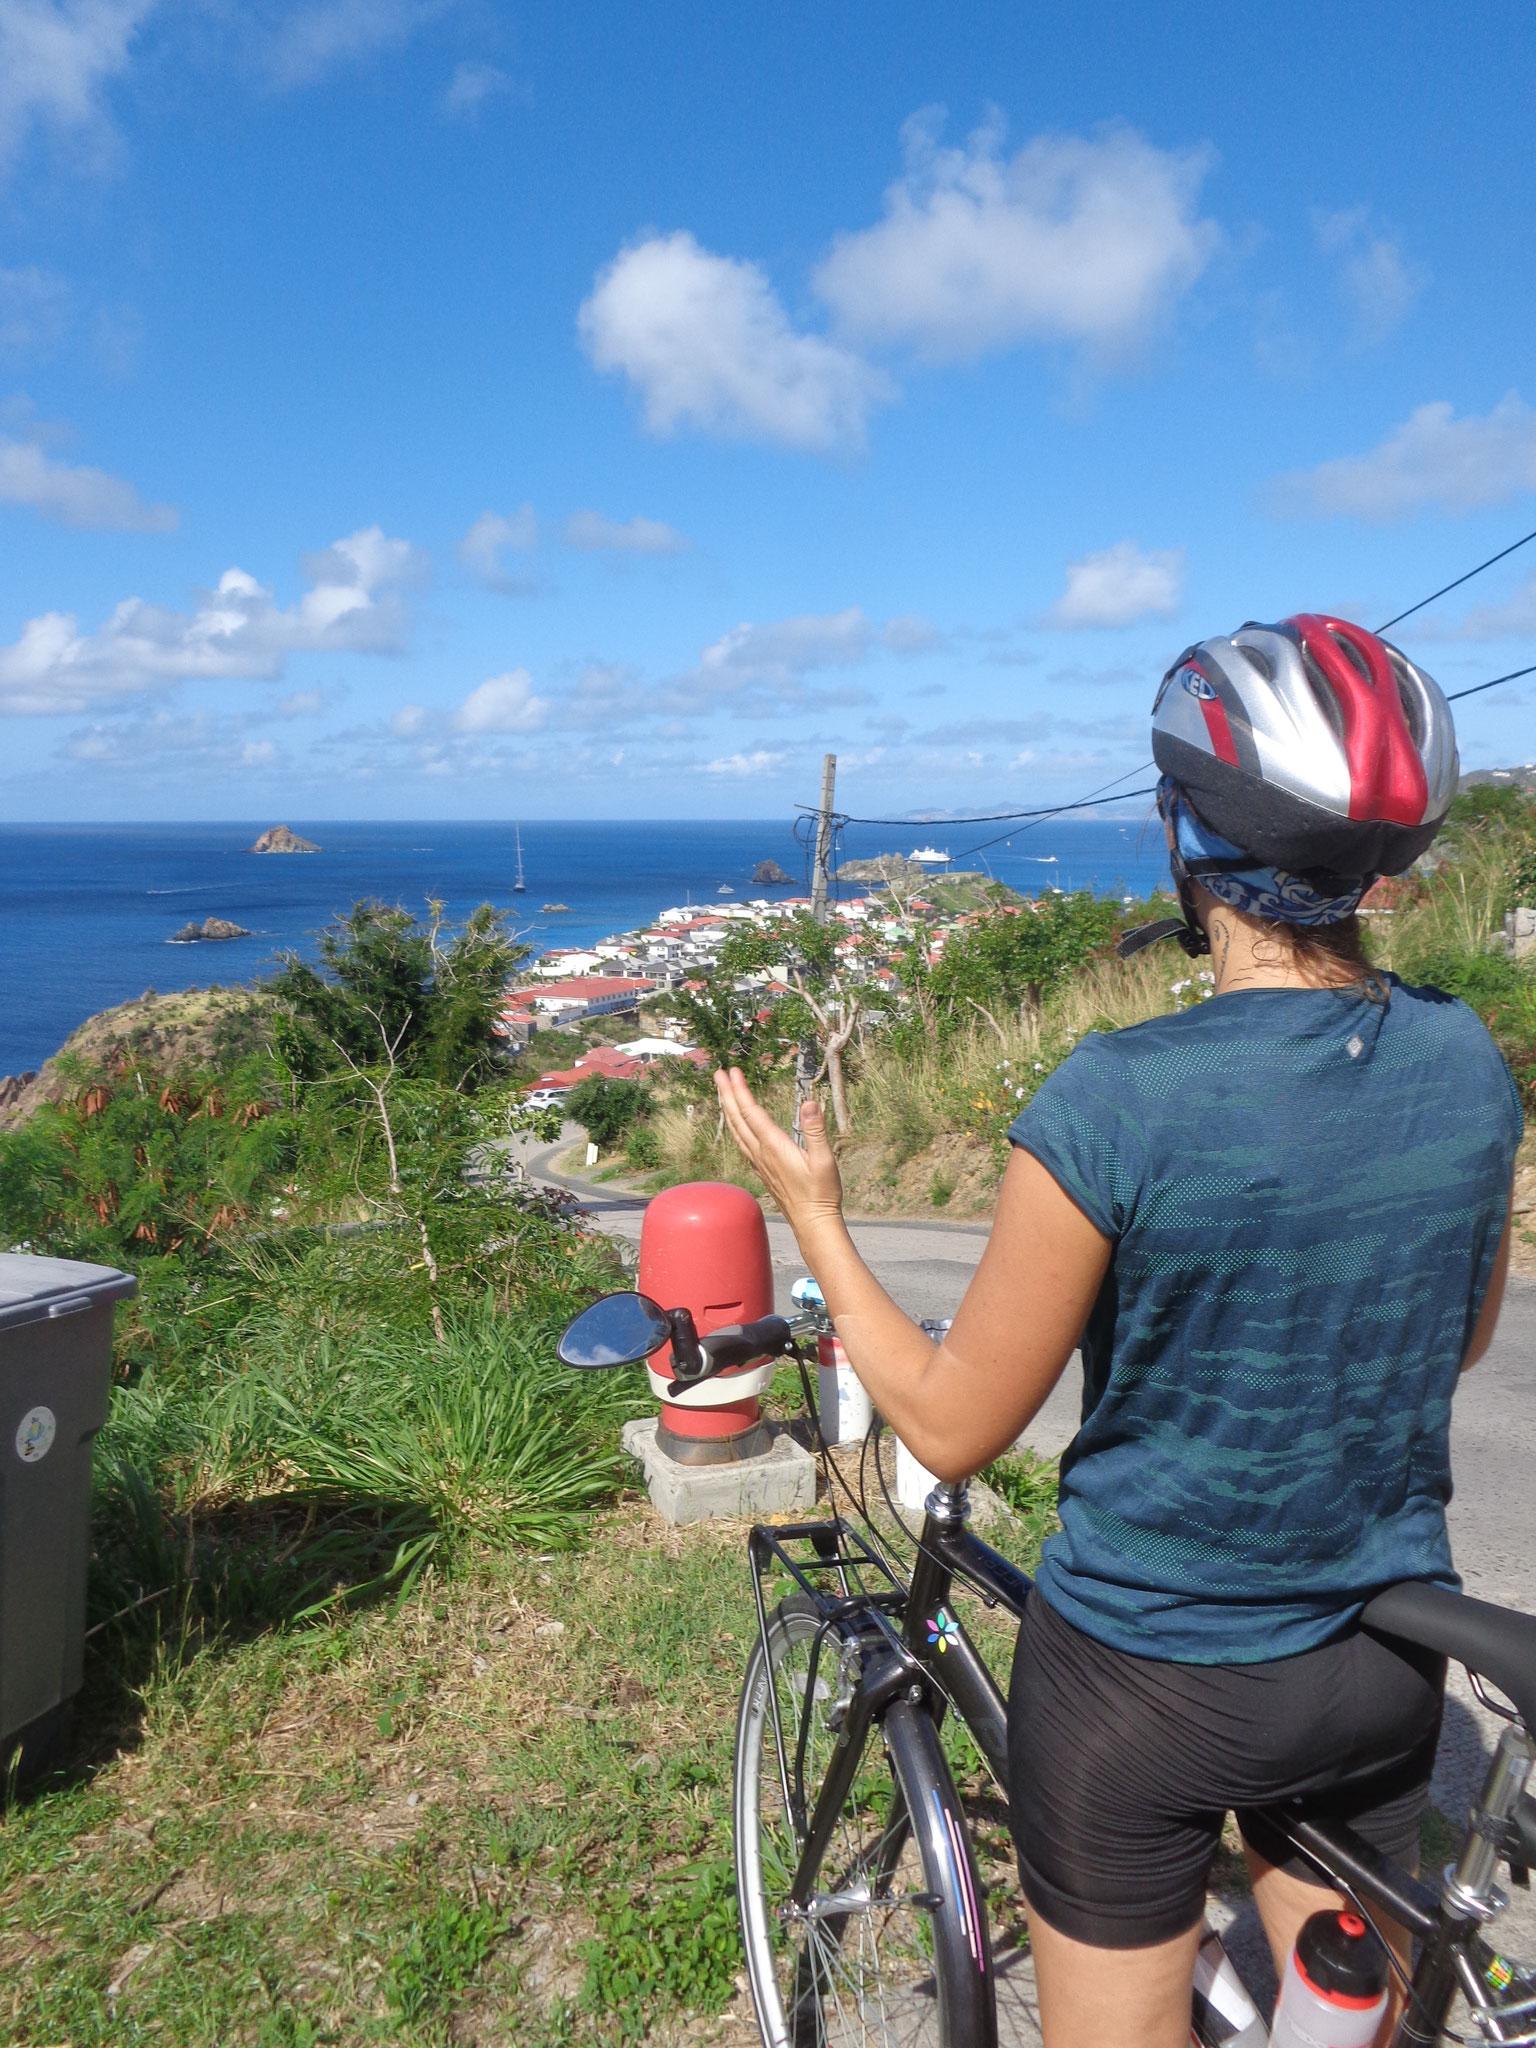 Première escapade à vélo, ça grimpe dur!